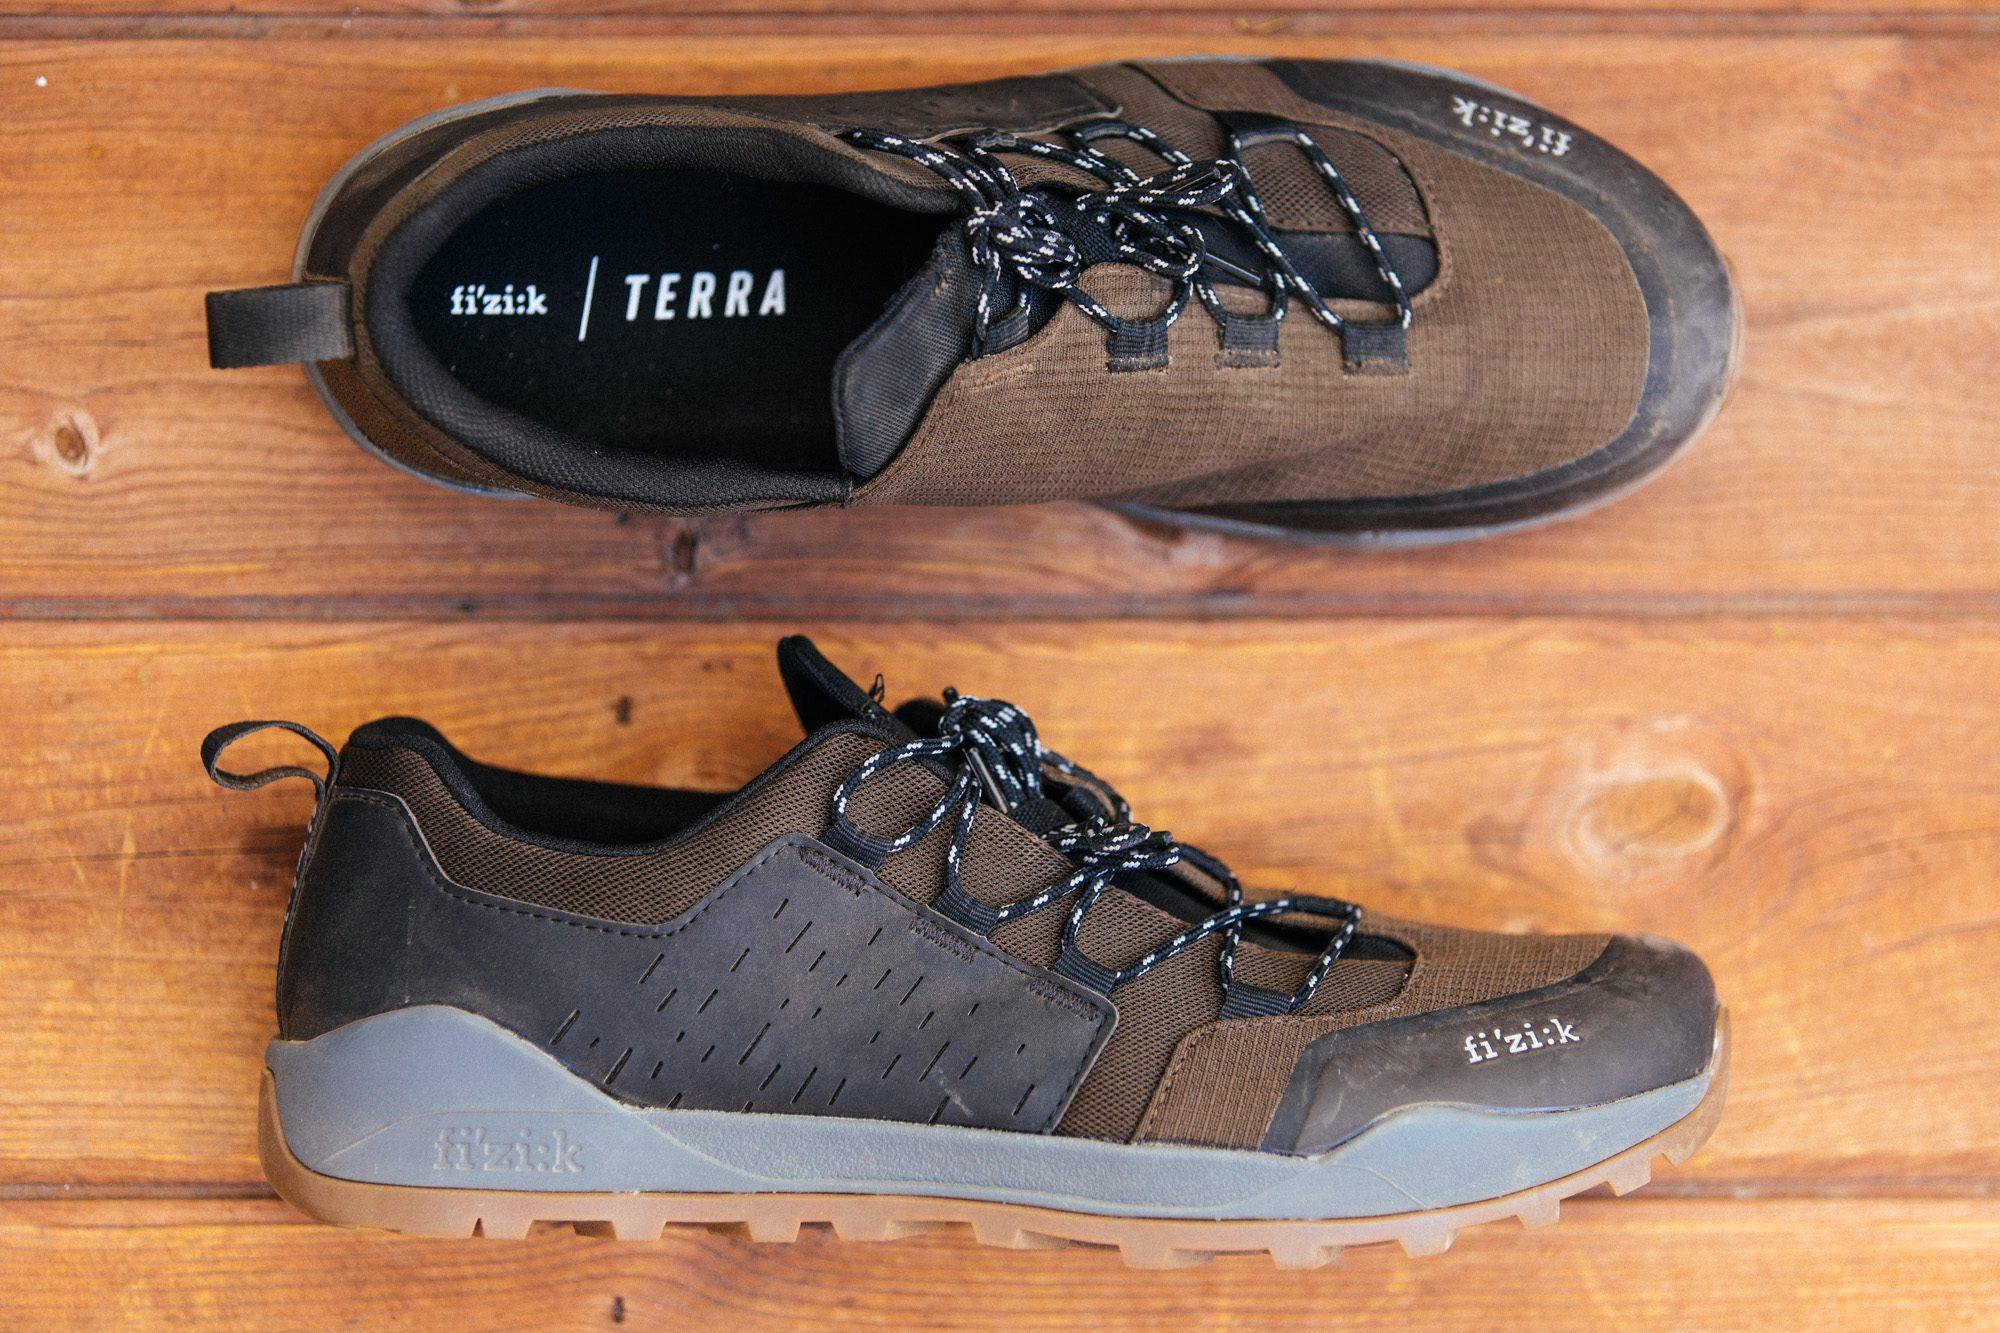 Terra ERGOLACE X2